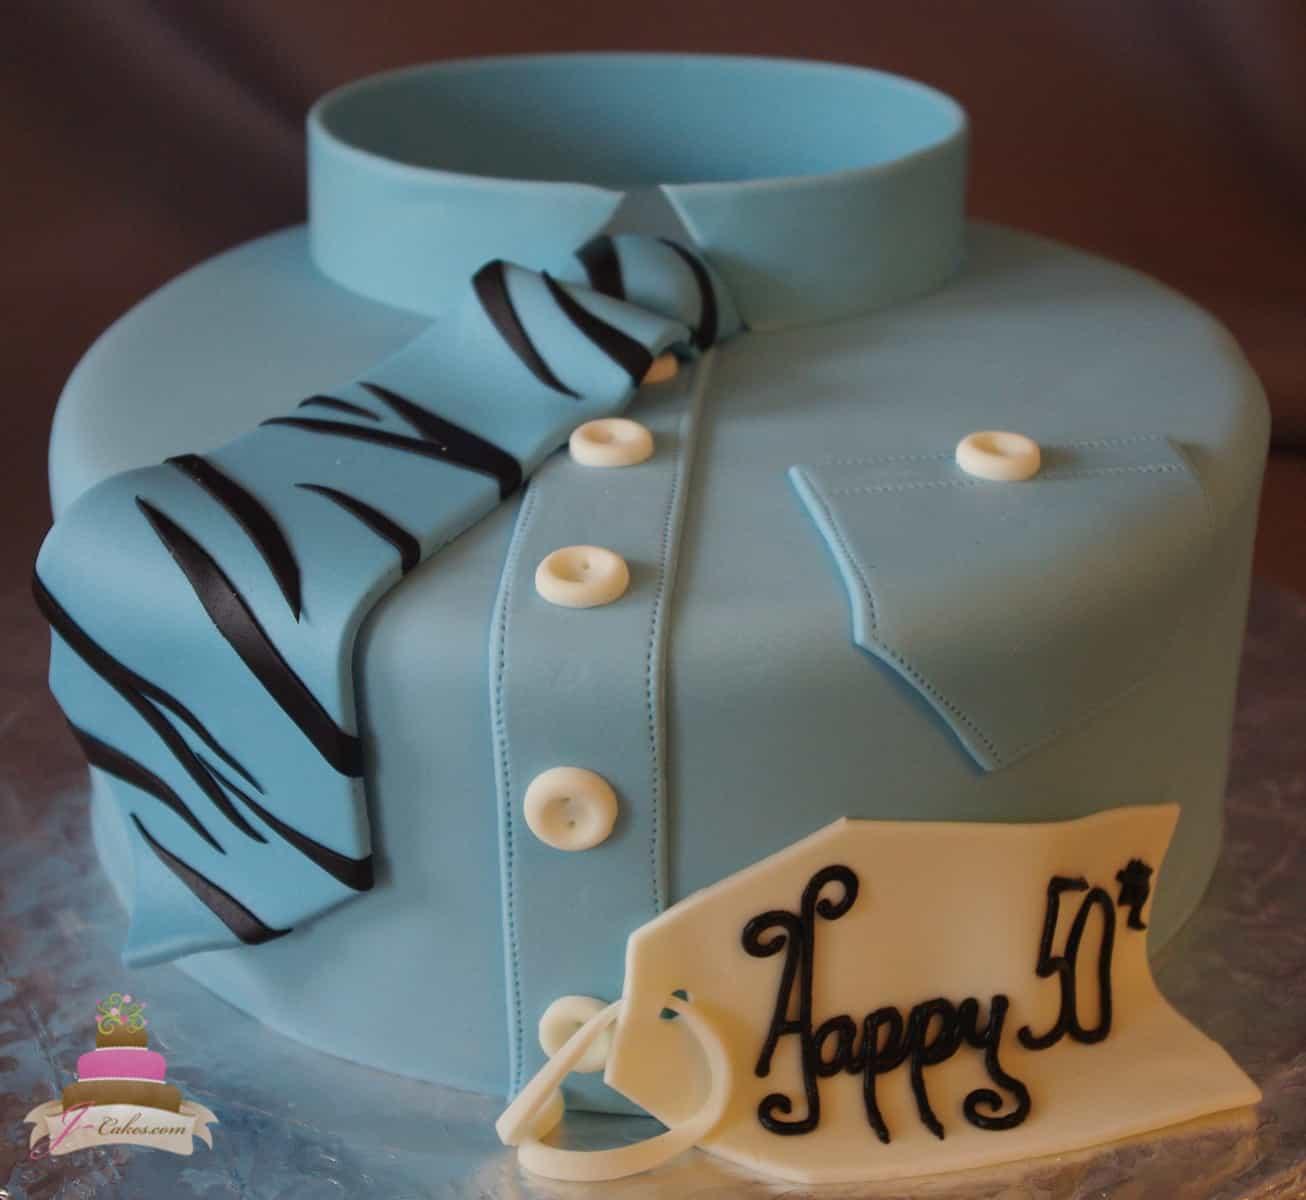 (182) Shirt and Tie Birthday Cake